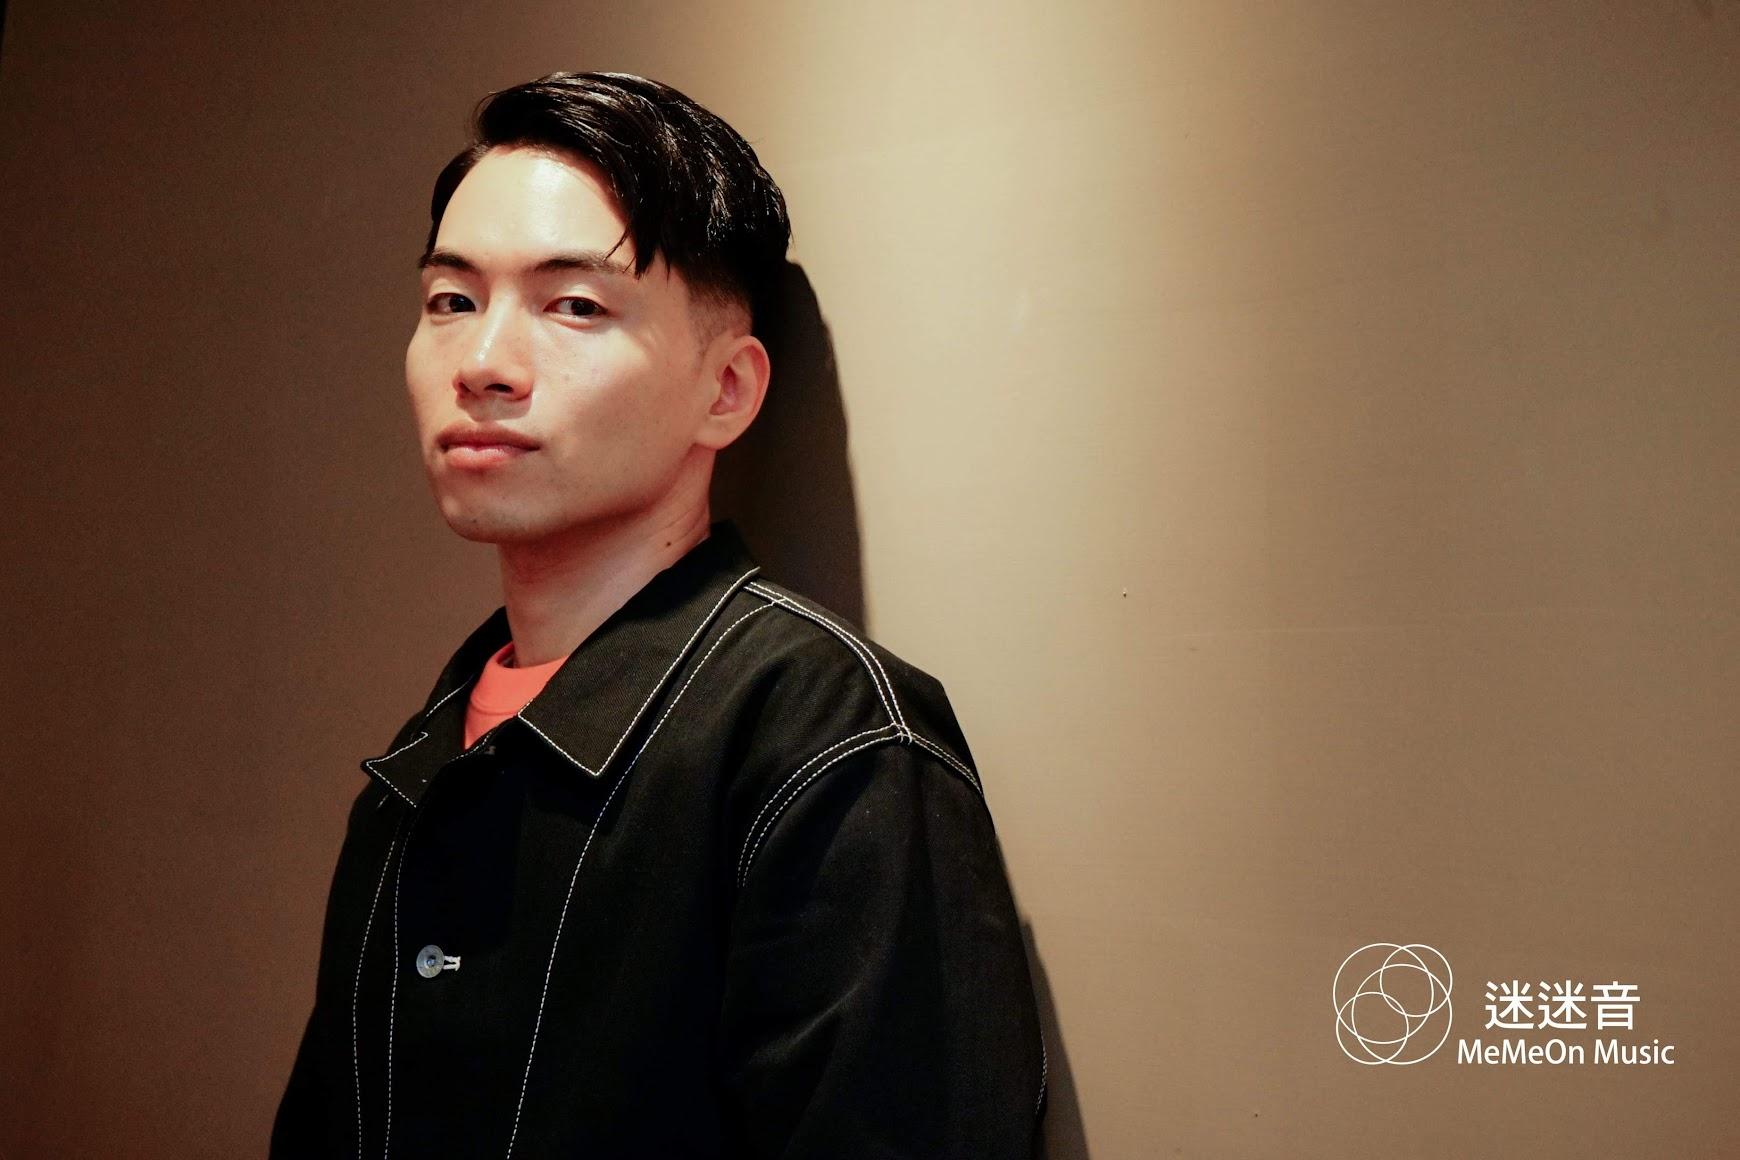 【MeMeOn インタビュー】 SIRUP 初台湾公演 公には言ってないことを…?